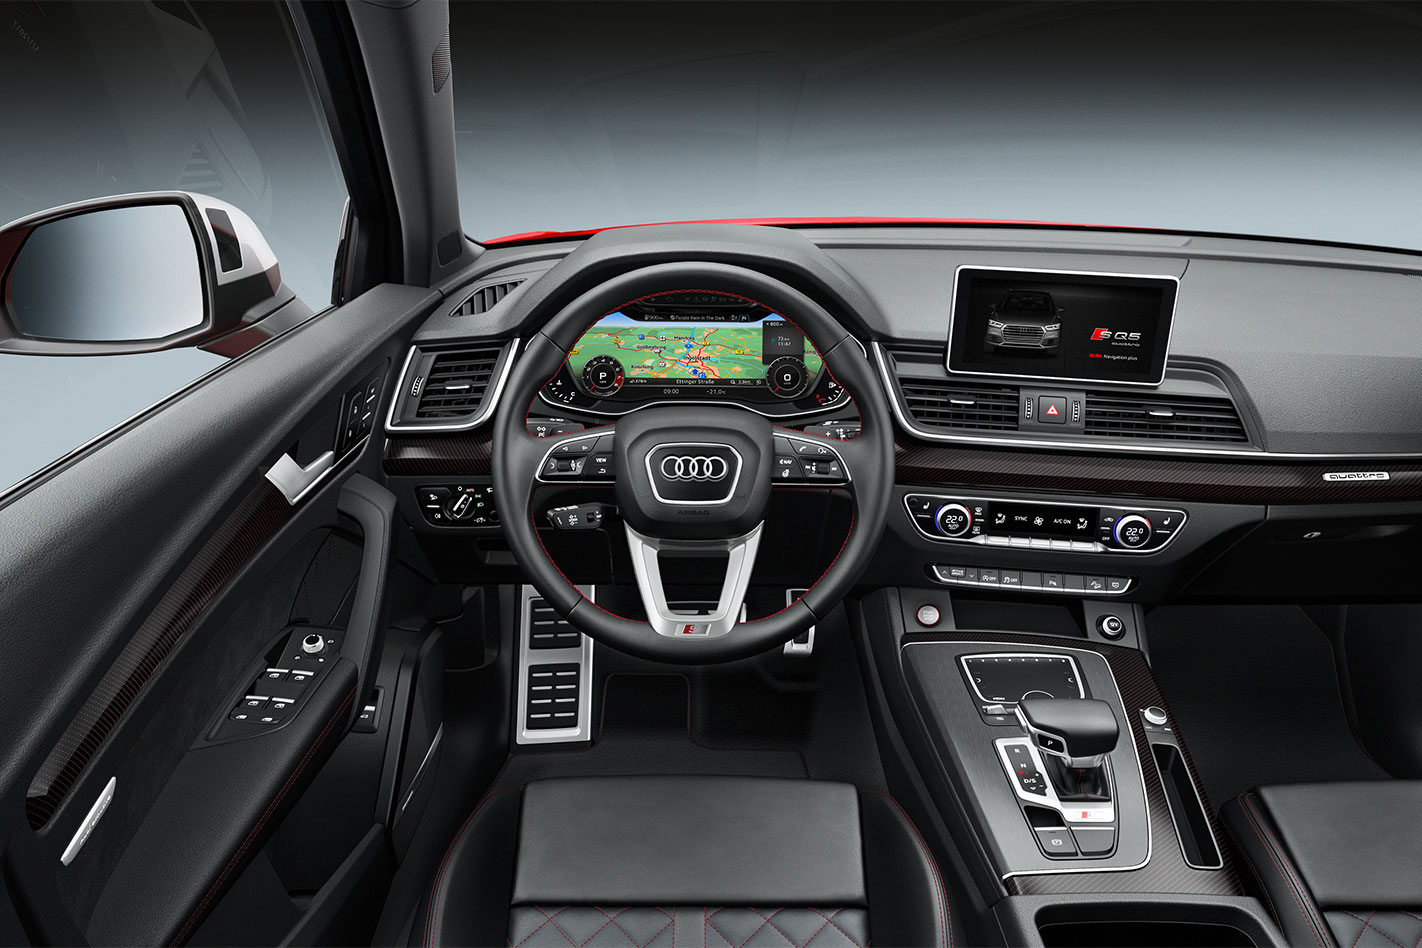 2017 Audi SQ5 interior